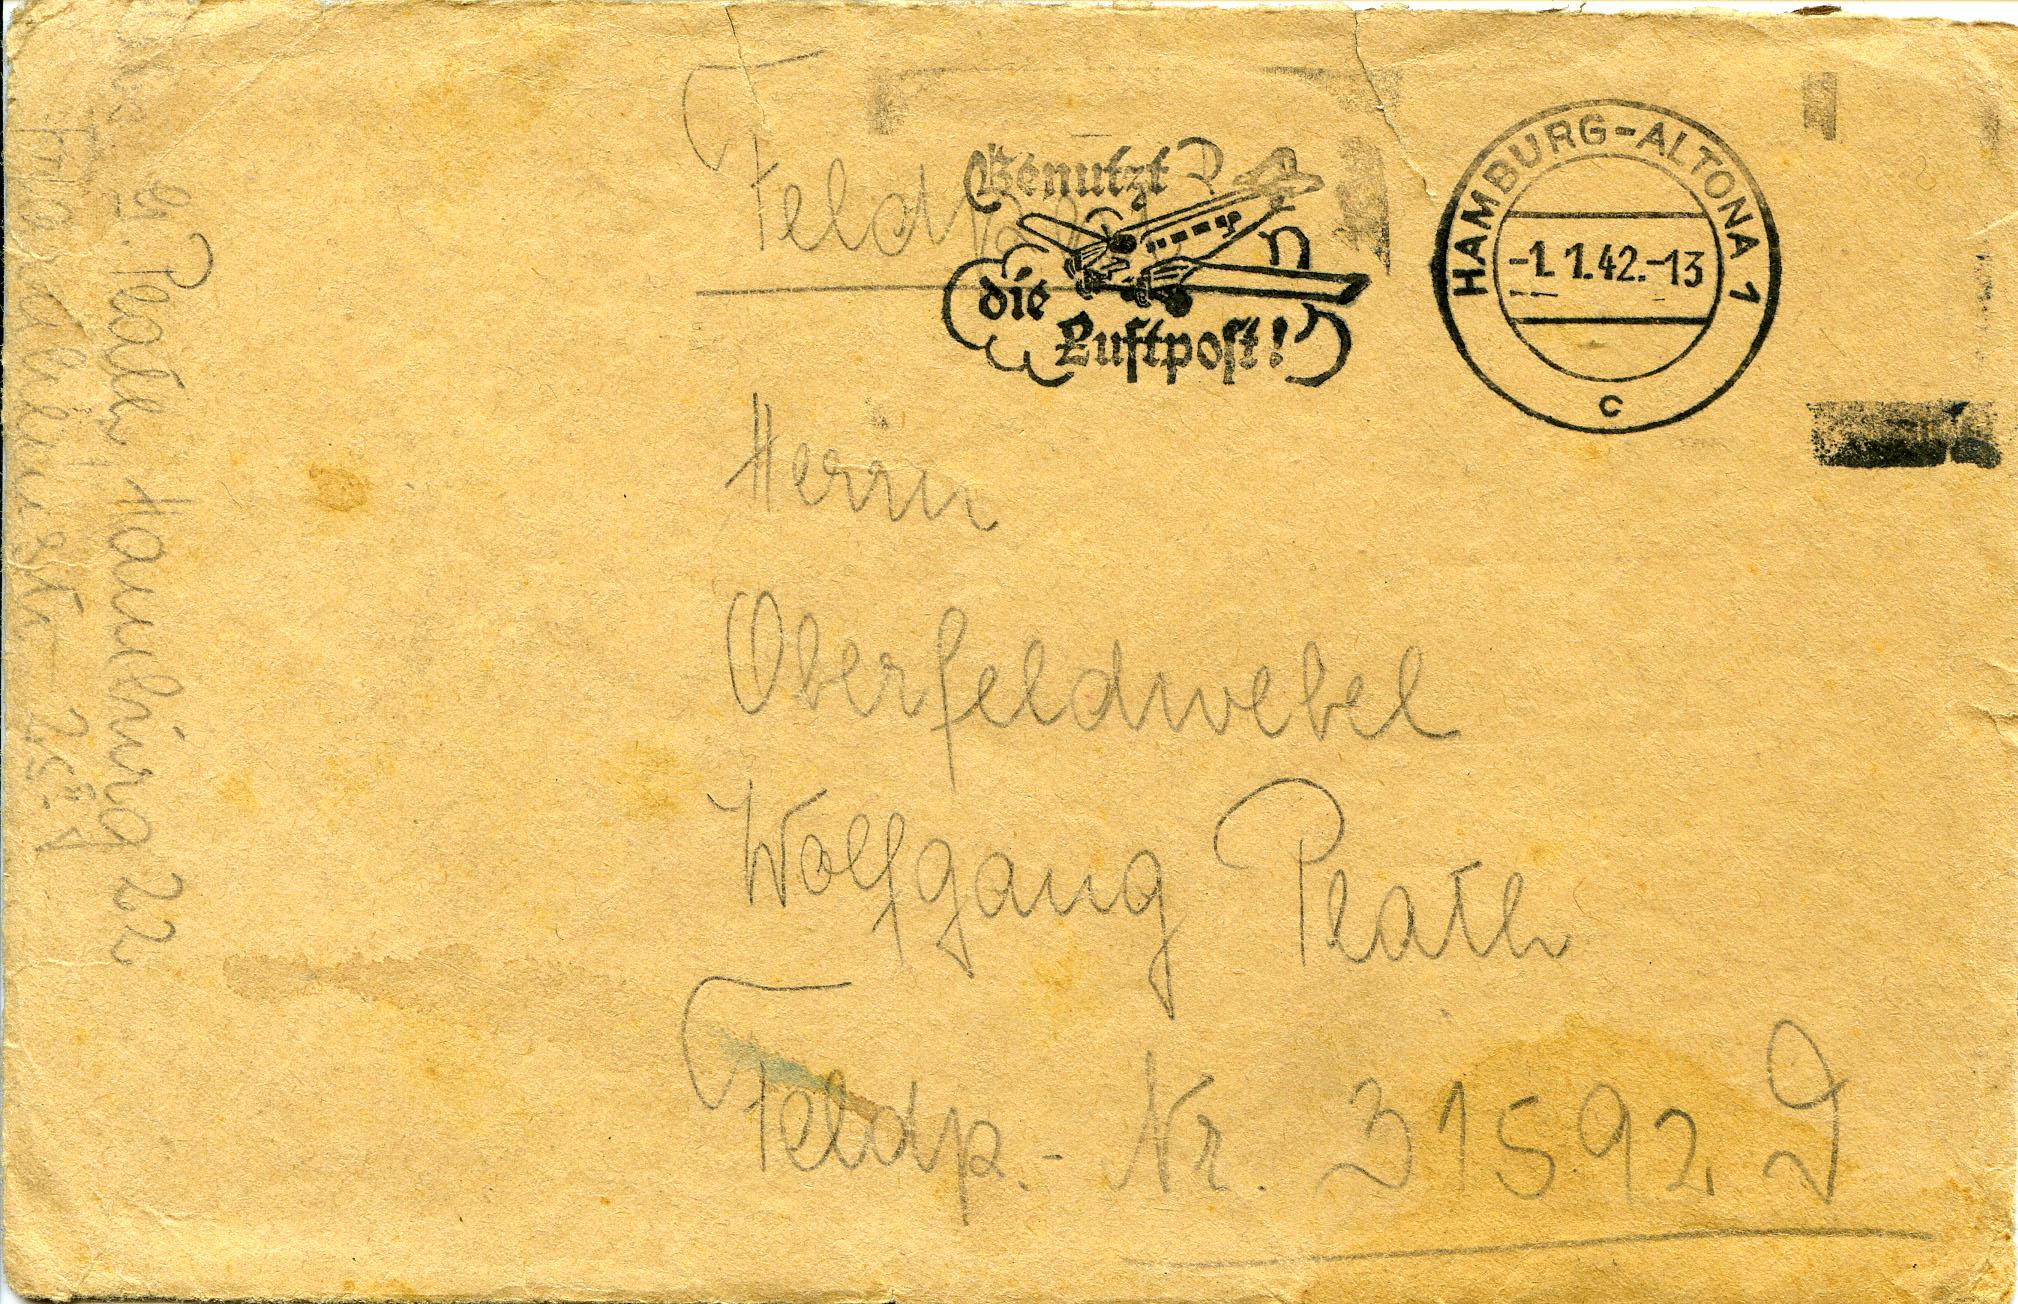 Конверт  с письмом  В. Плату от его жены Инге.   Гамбург. 1941 г.